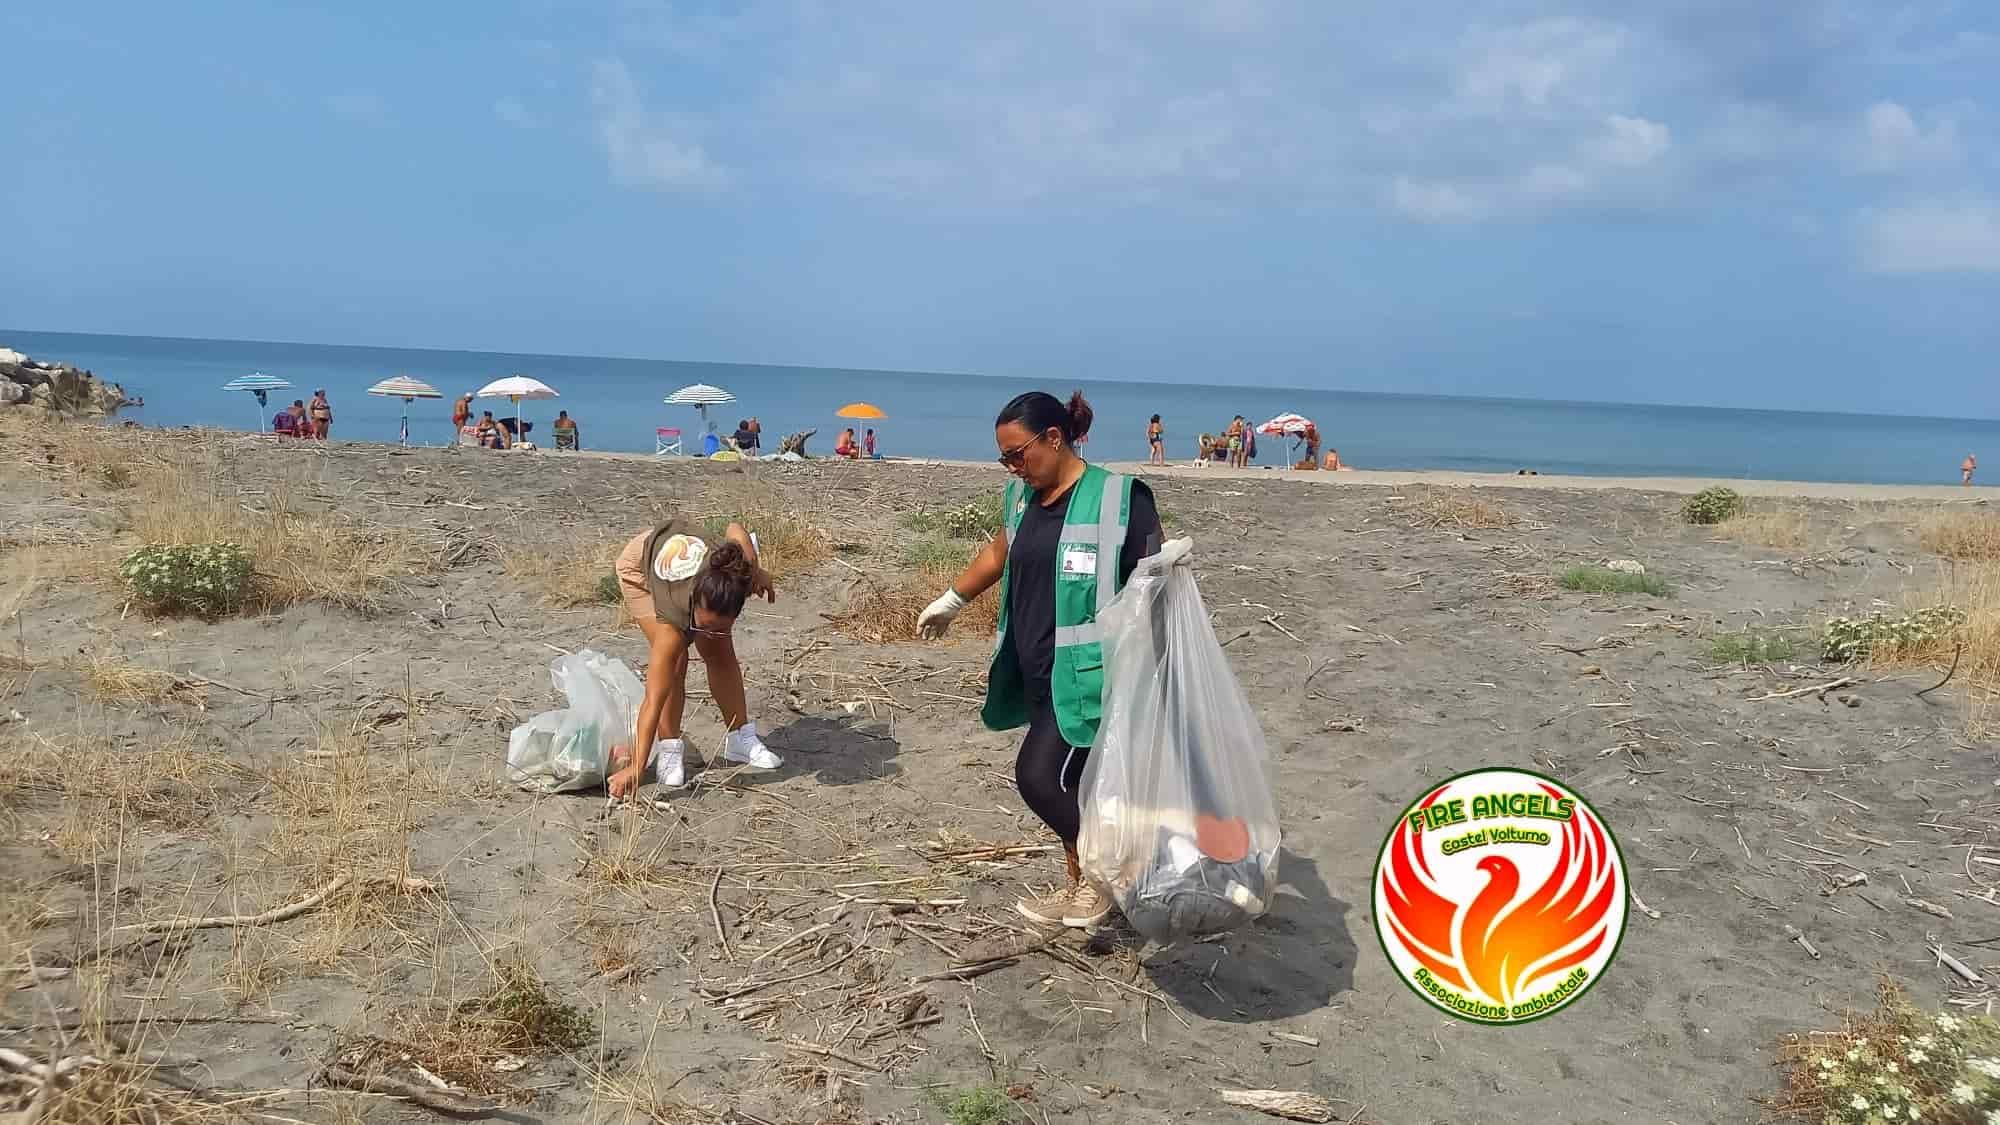 informareonline-fareambiente-e-fire-angels-pulizia-della-spiaggia-libera-di-destra-volturno